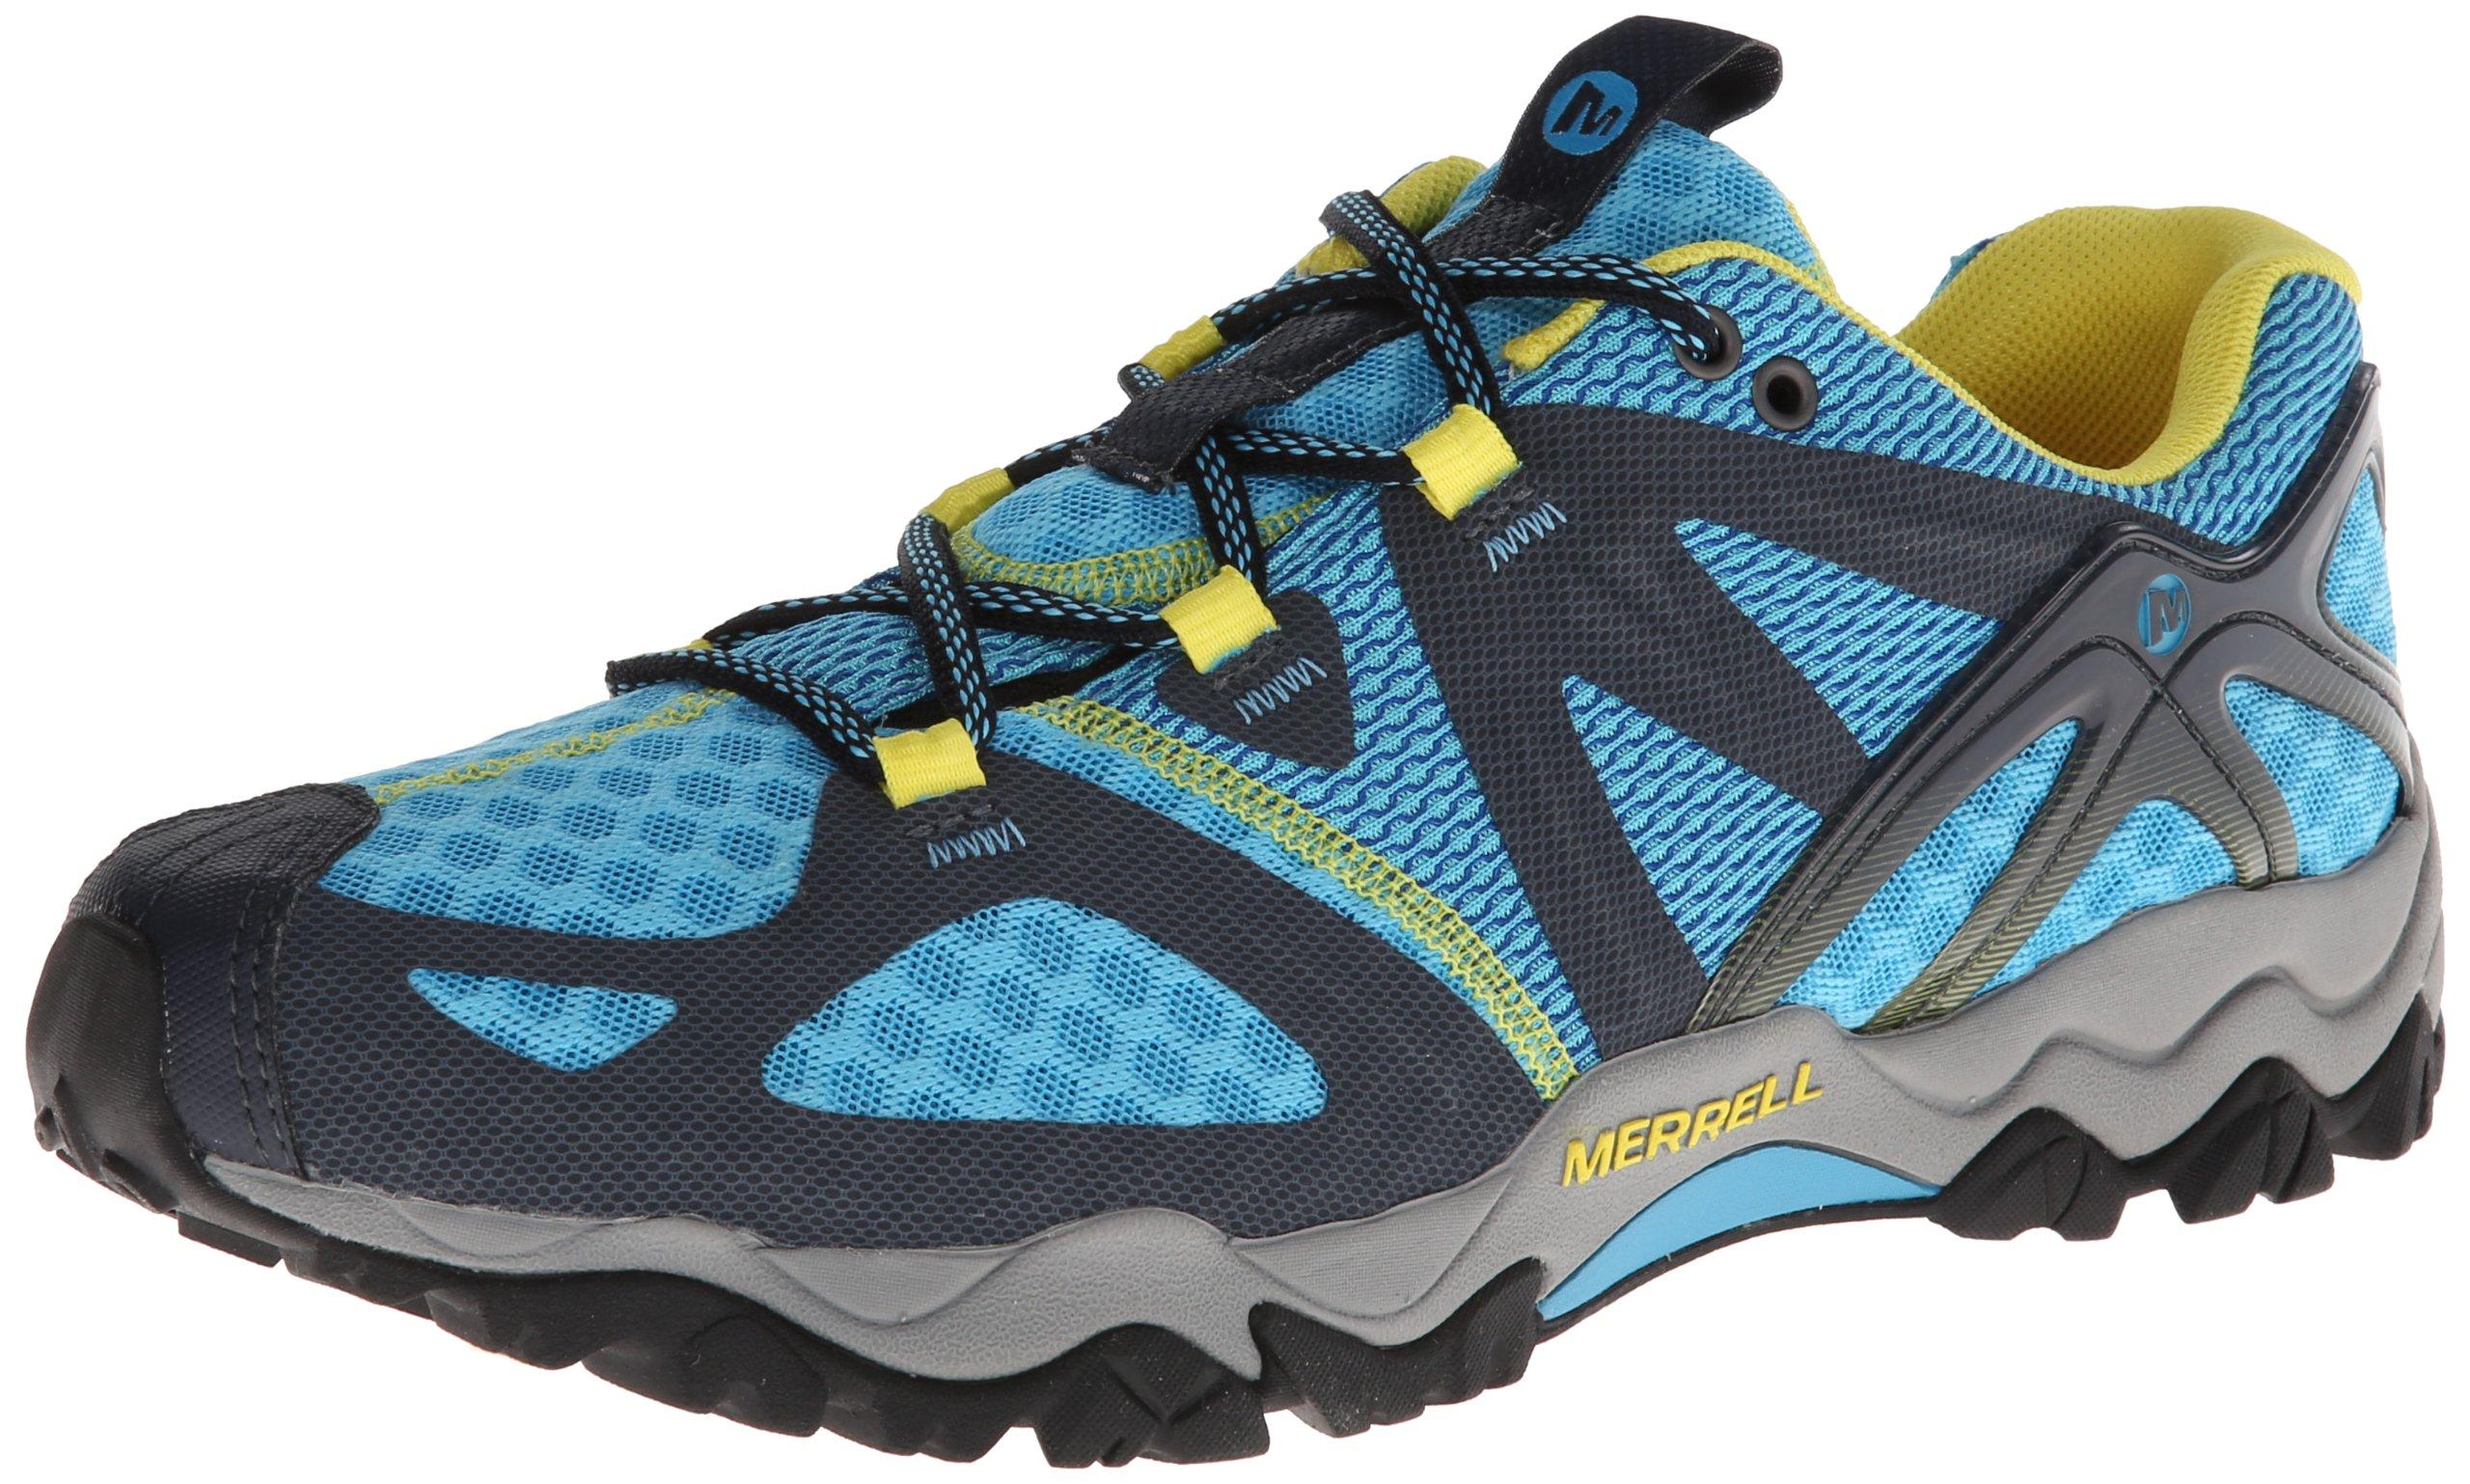 Merrell Women's Grassbow Air Trail Running Shoe,Blue/Navy,6 M US